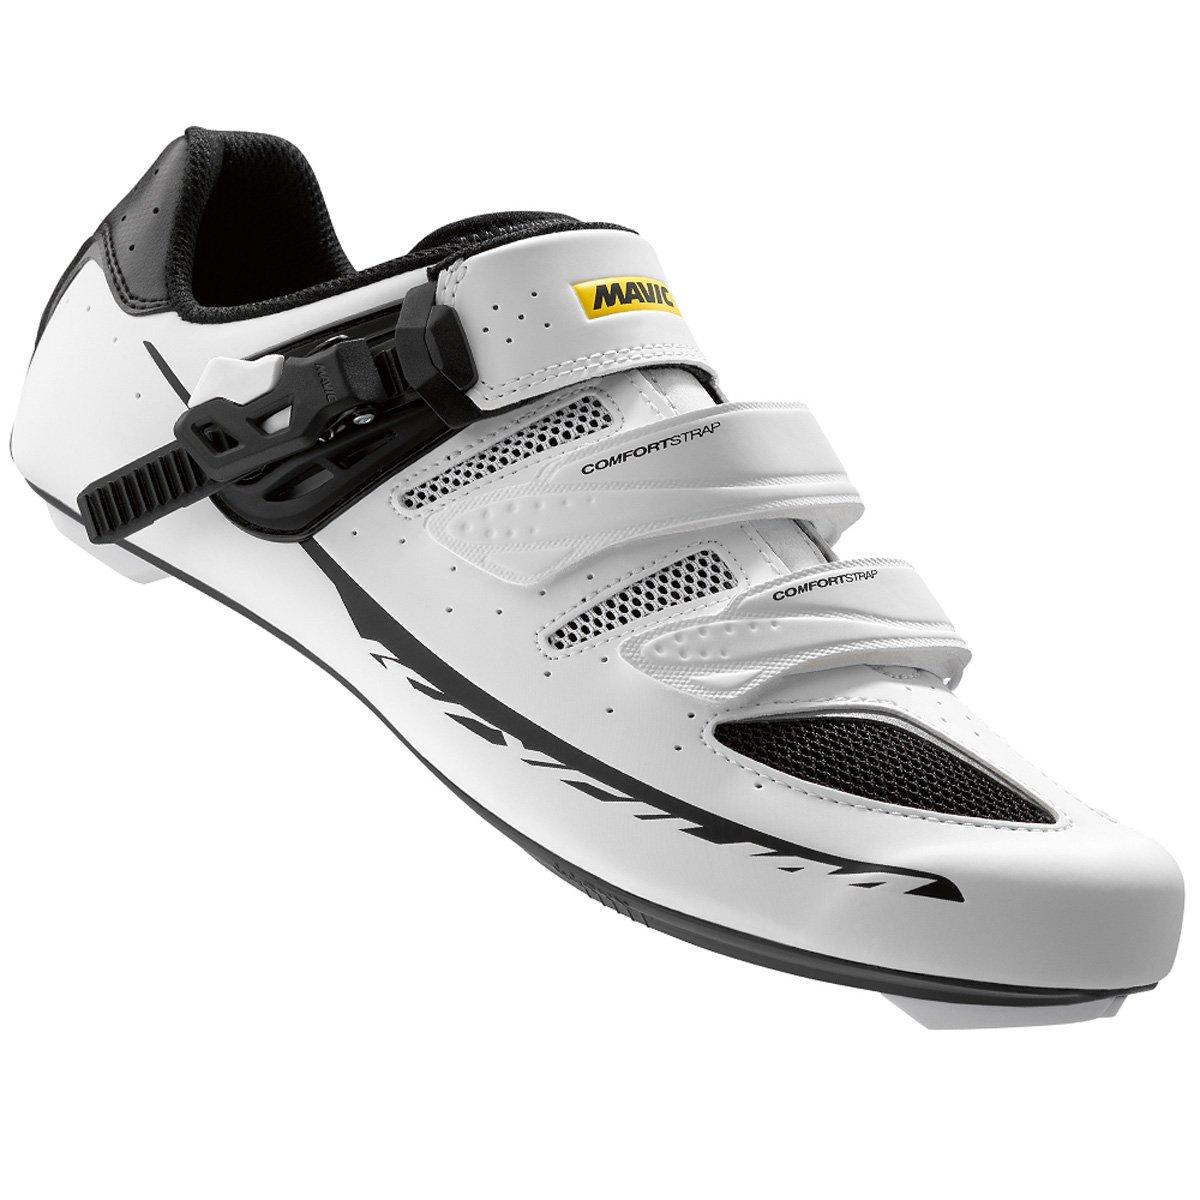 Mavic Ksyrium weiß Elite Maxi Rennrad Fahrrad Schuhe weiß Ksyrium schwarz 2017 6076f2